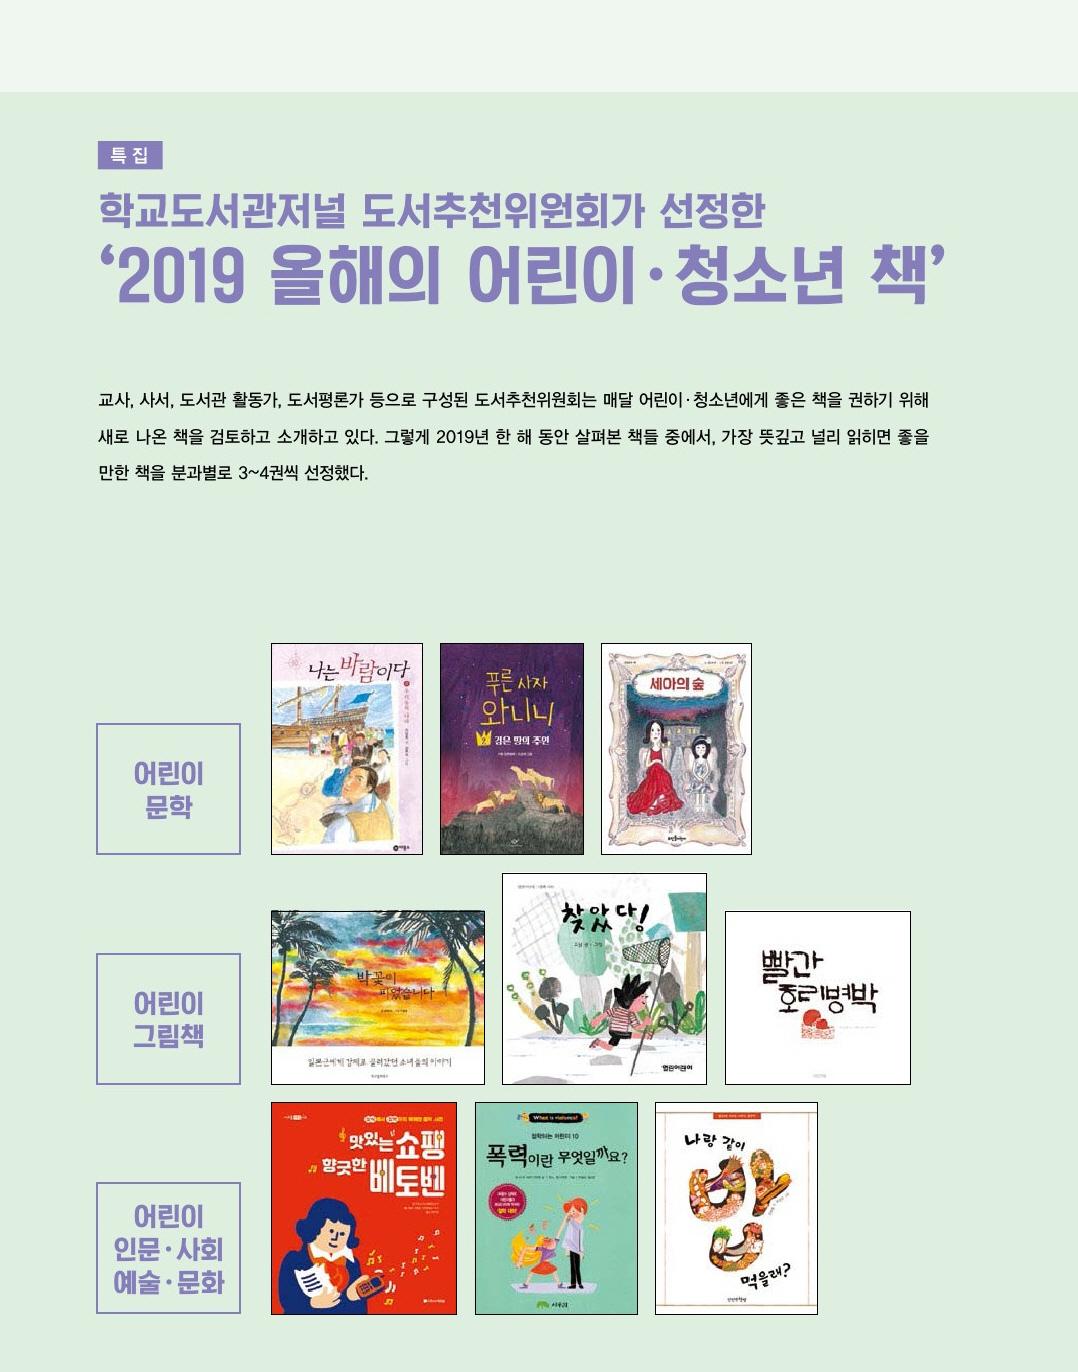 사본 -2019 올해의책(수정)-1.jpg